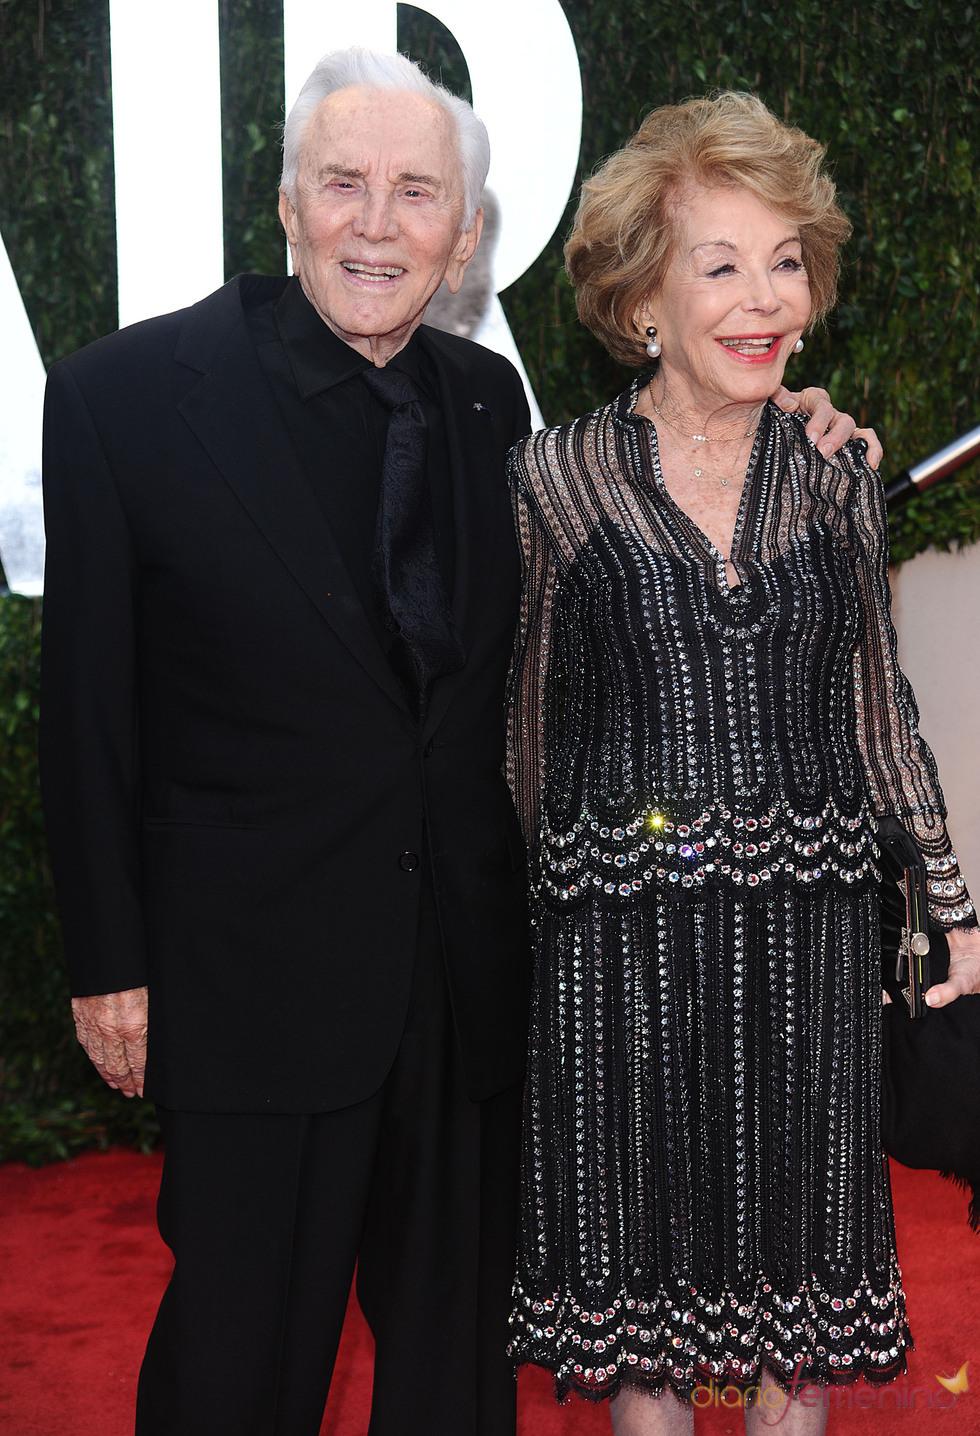 Kirk Douglas y su mujer en la fiesta Vanity Fair Oscar 2010